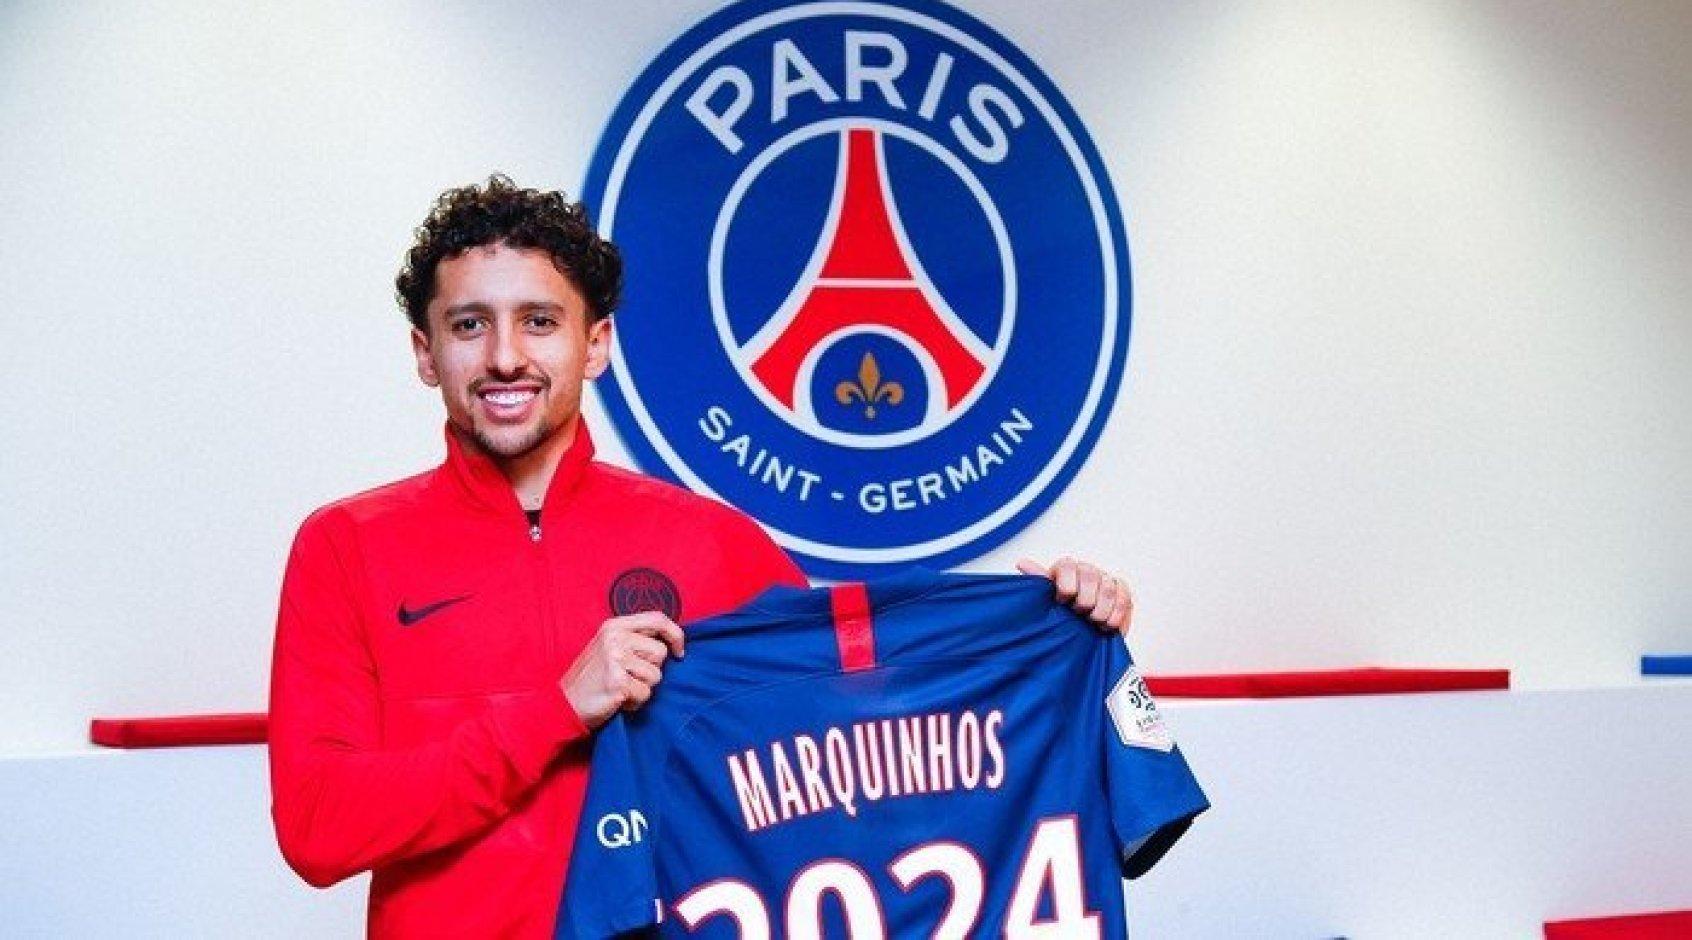 Официально: Маркиньос продлил контракт с ПСЖ